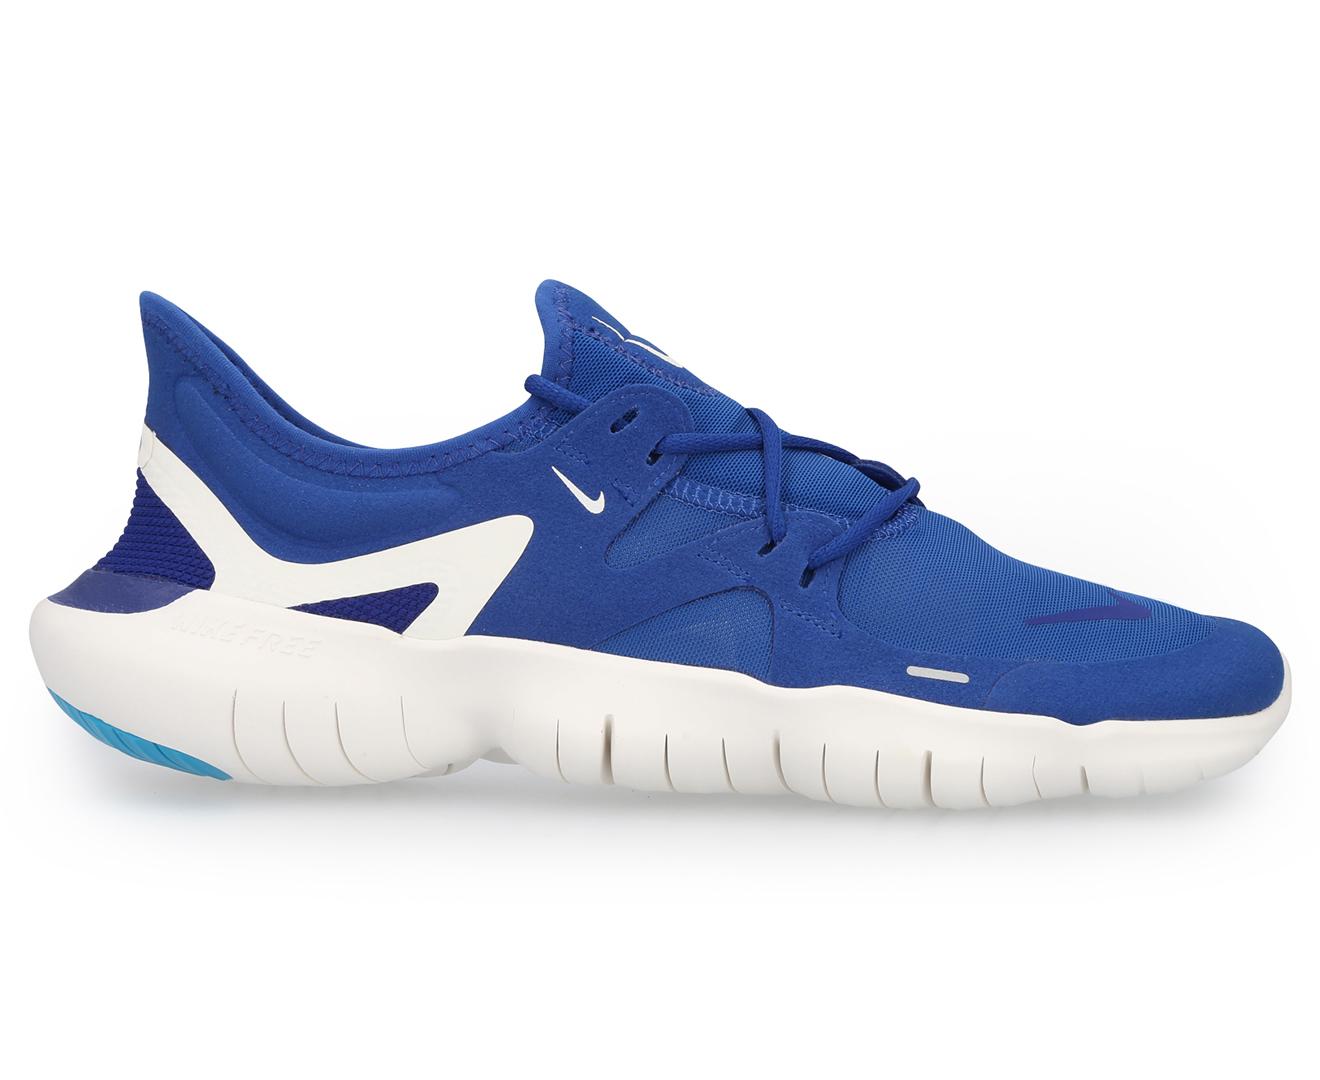 Nike Men's Blue Black Free 5.0 V4 Shoes Complete Range Of